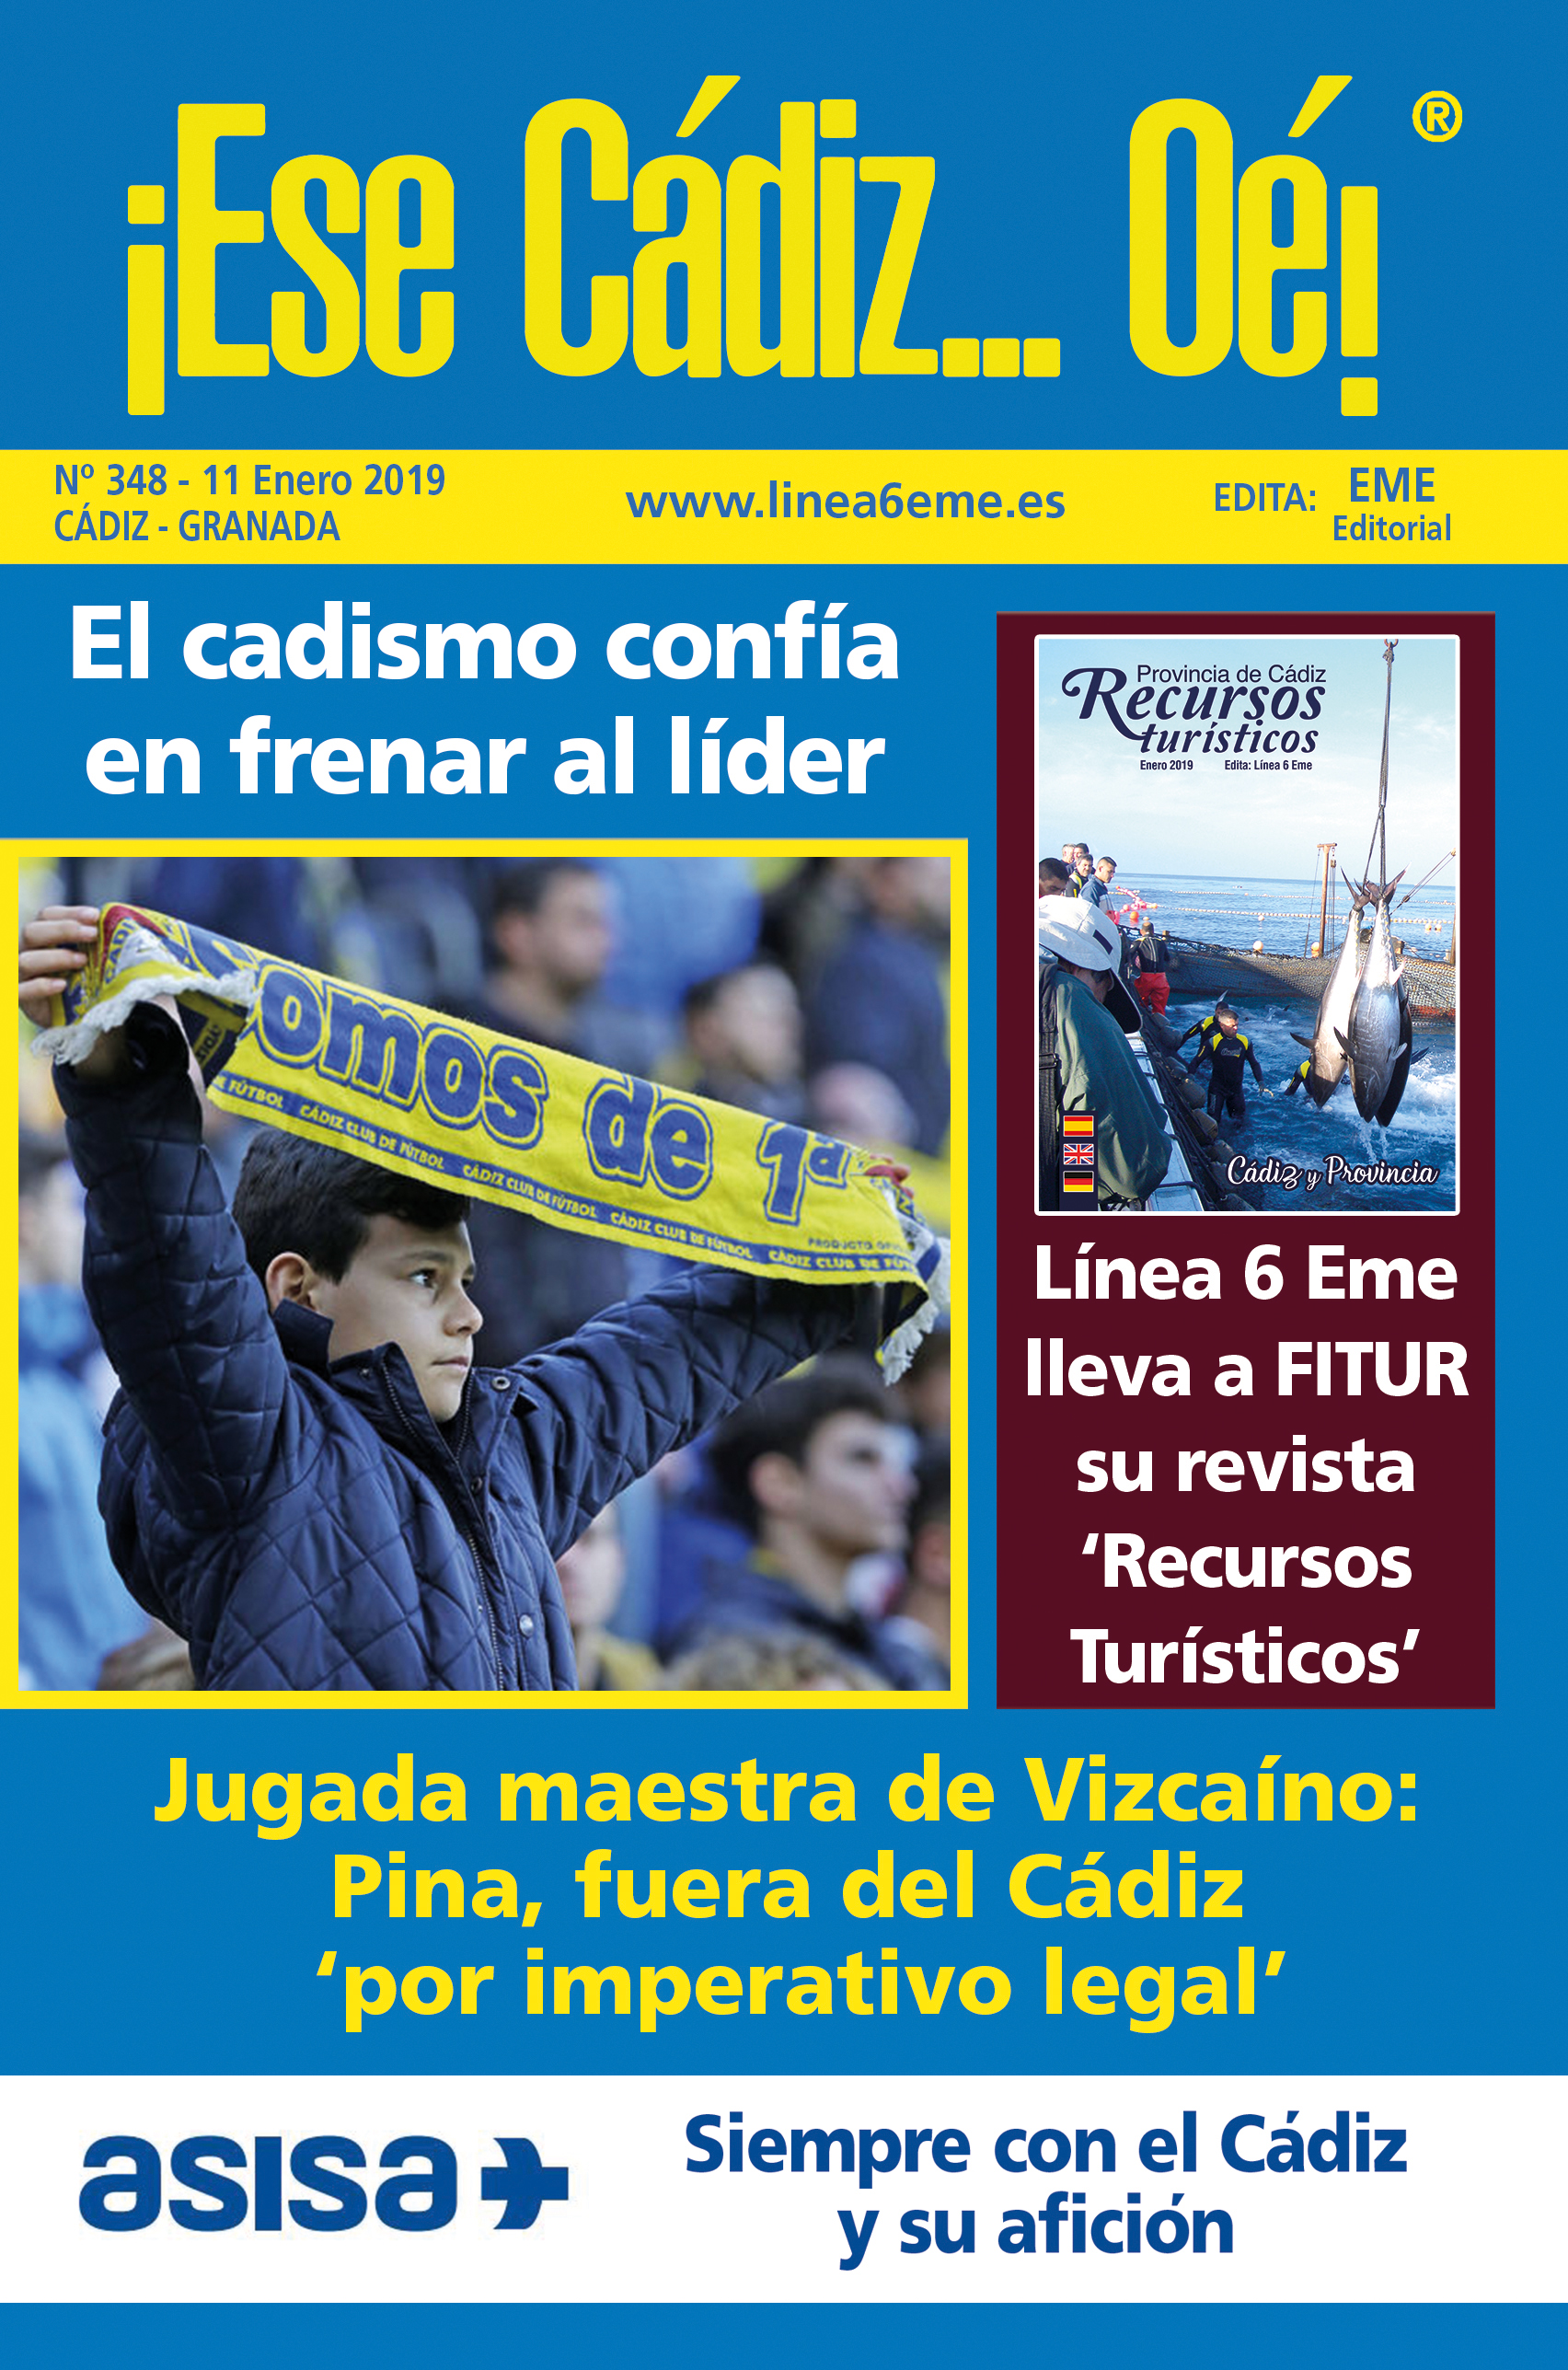 ¡Ese Cádiz…Oé! núm. 348 Temporada 2018/19